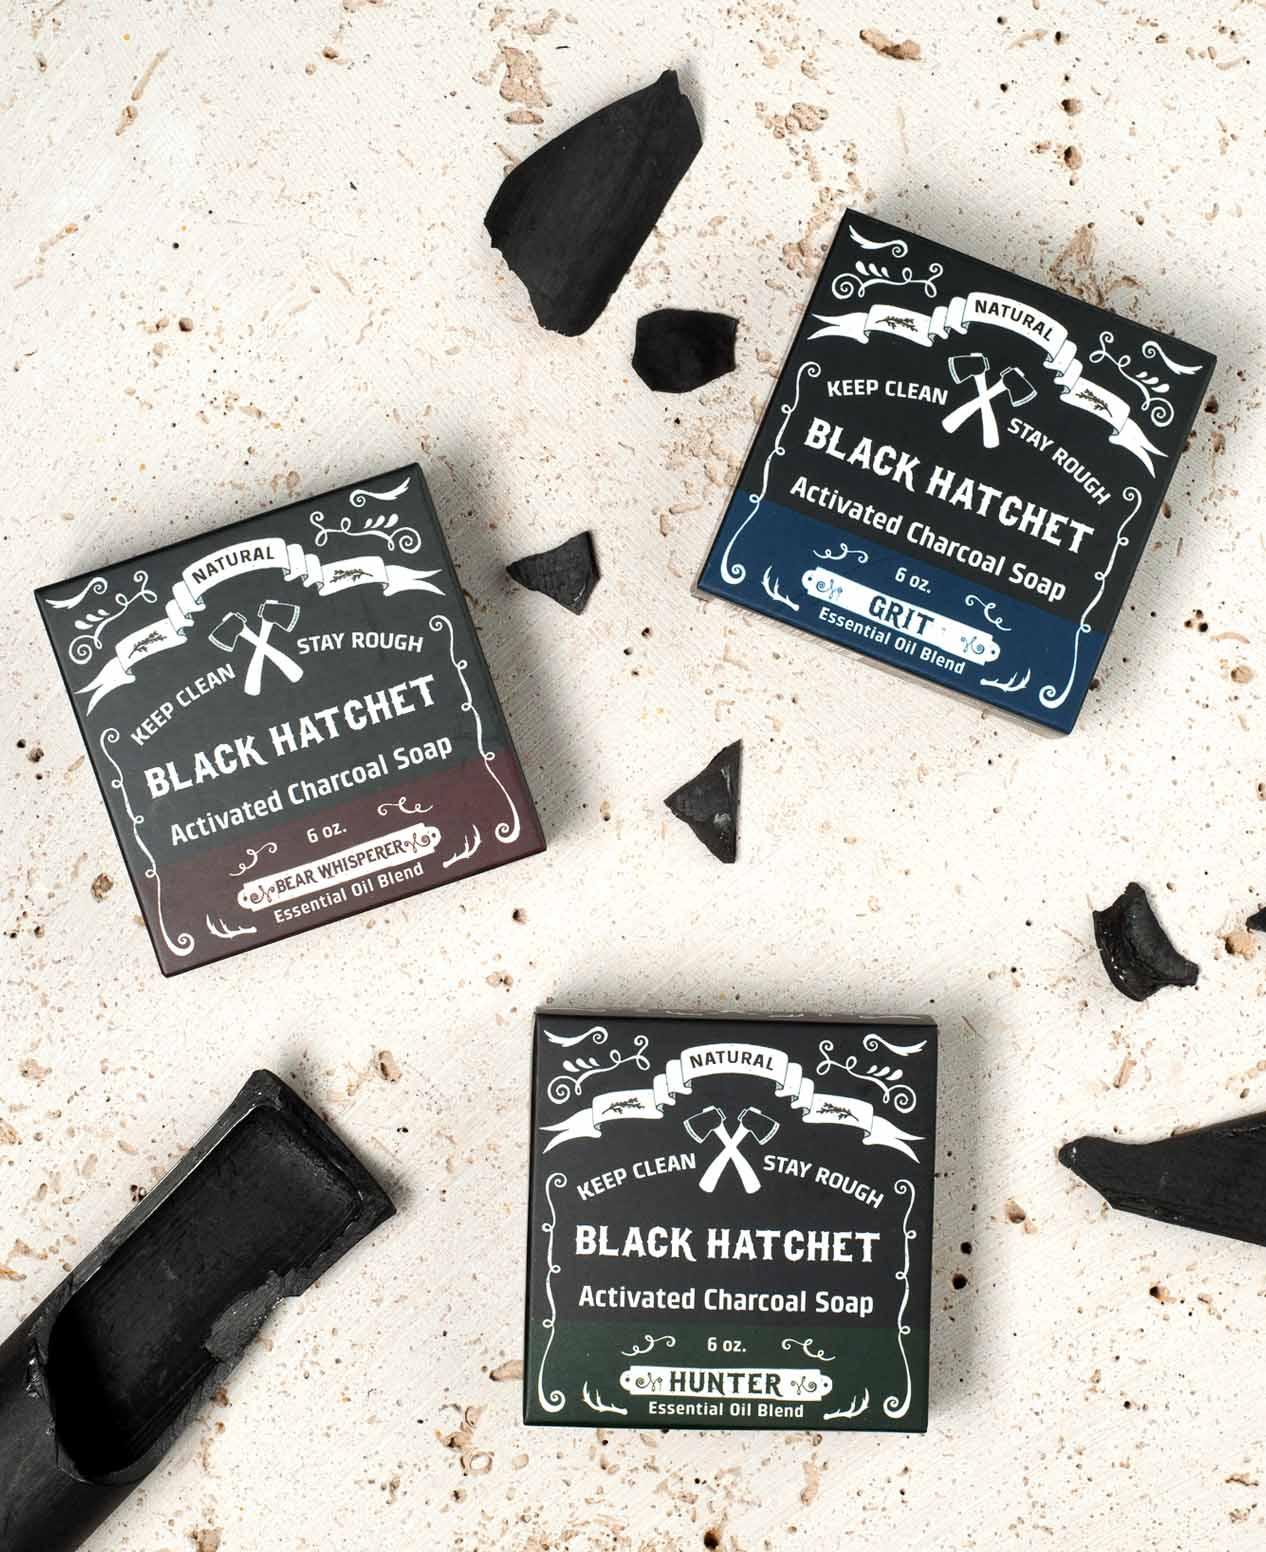 Black-hatchet-bar-soaps.jpg